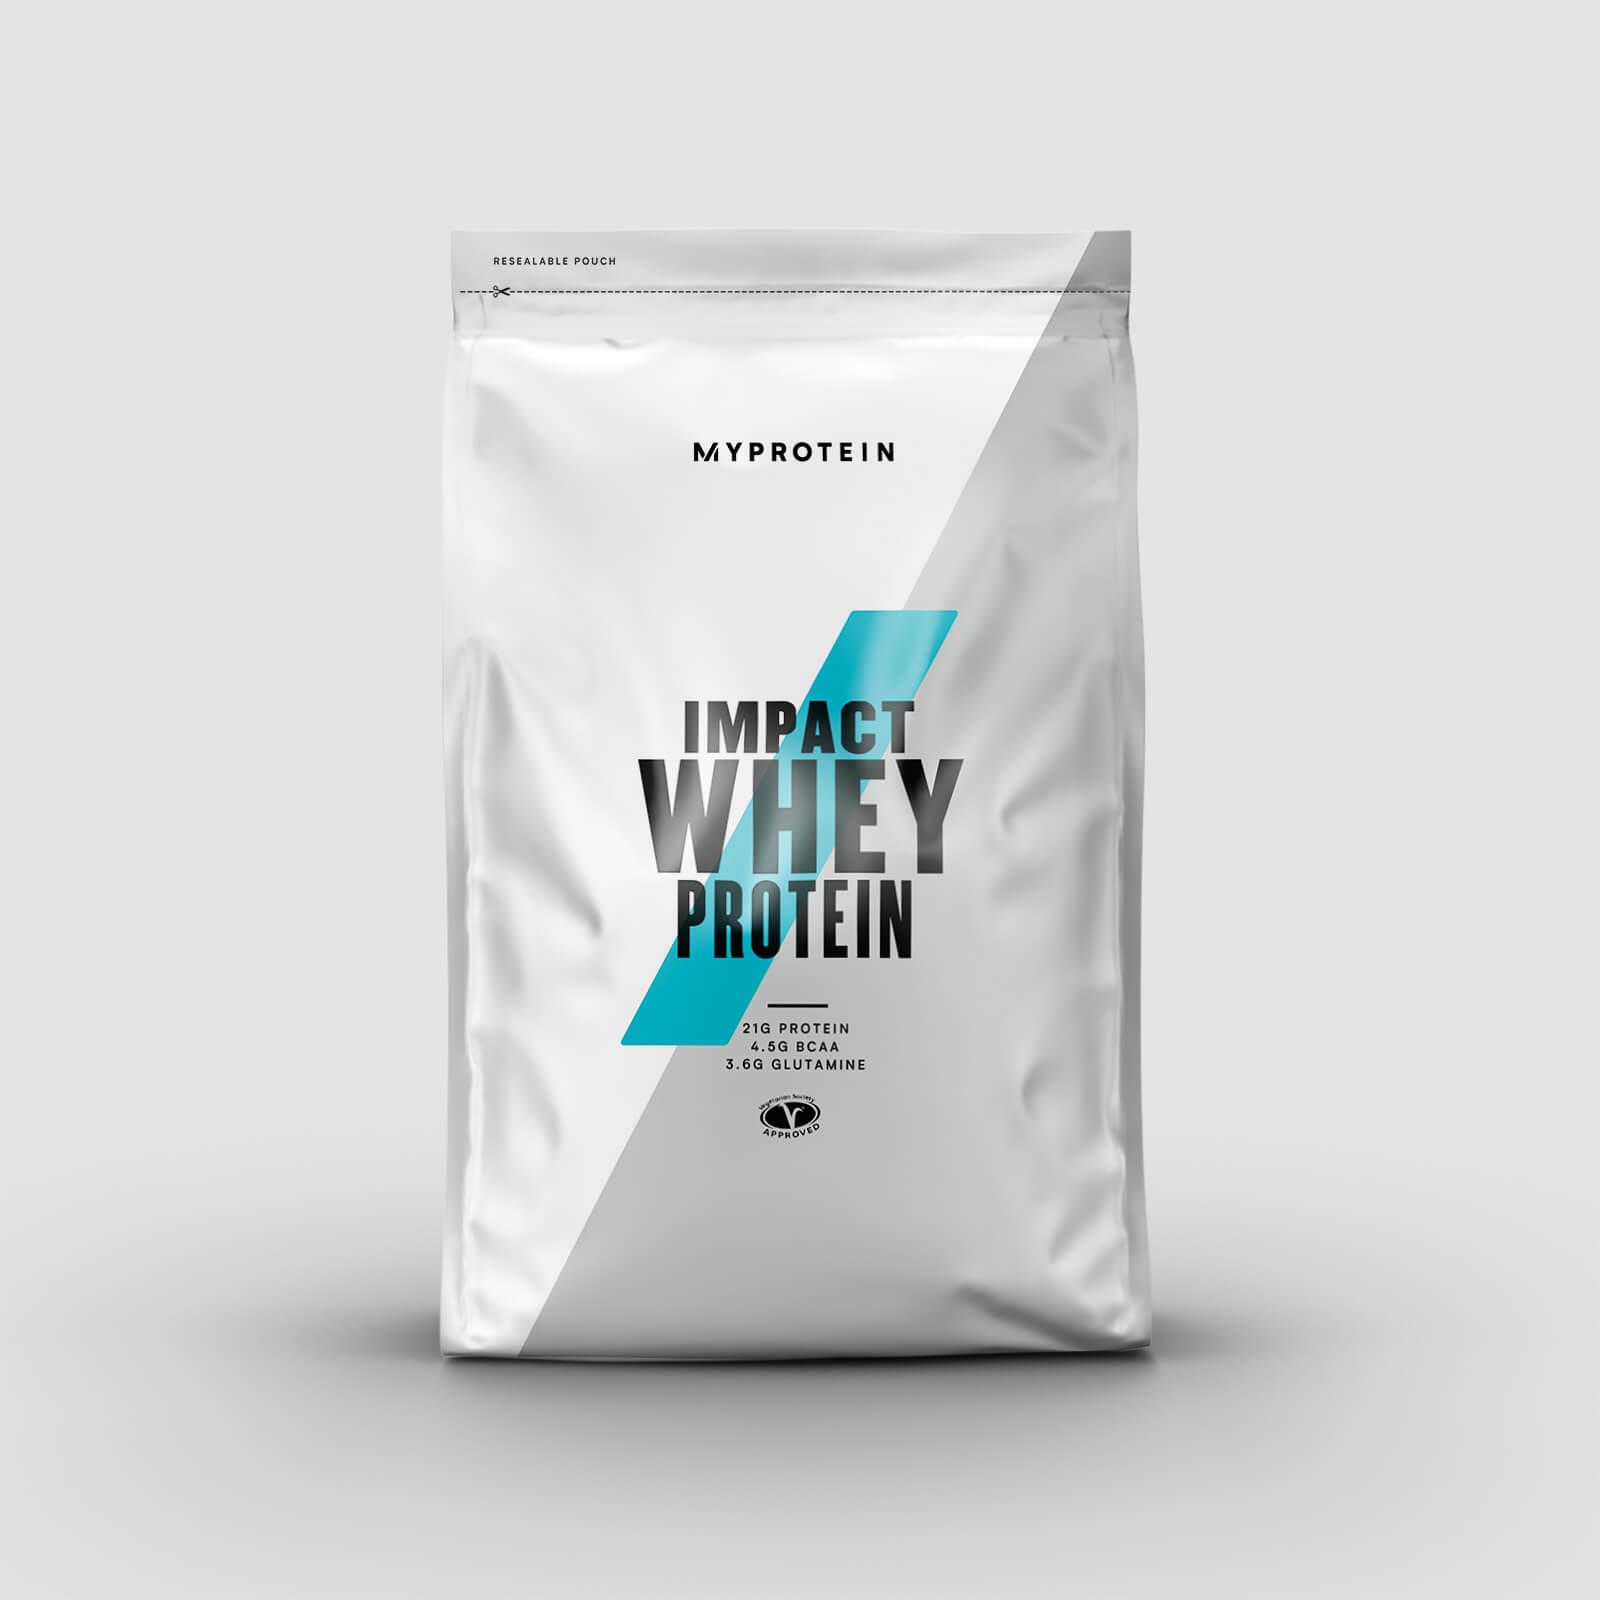 Myprotein Impact Whey Protein - 2.5kg - Myrtille